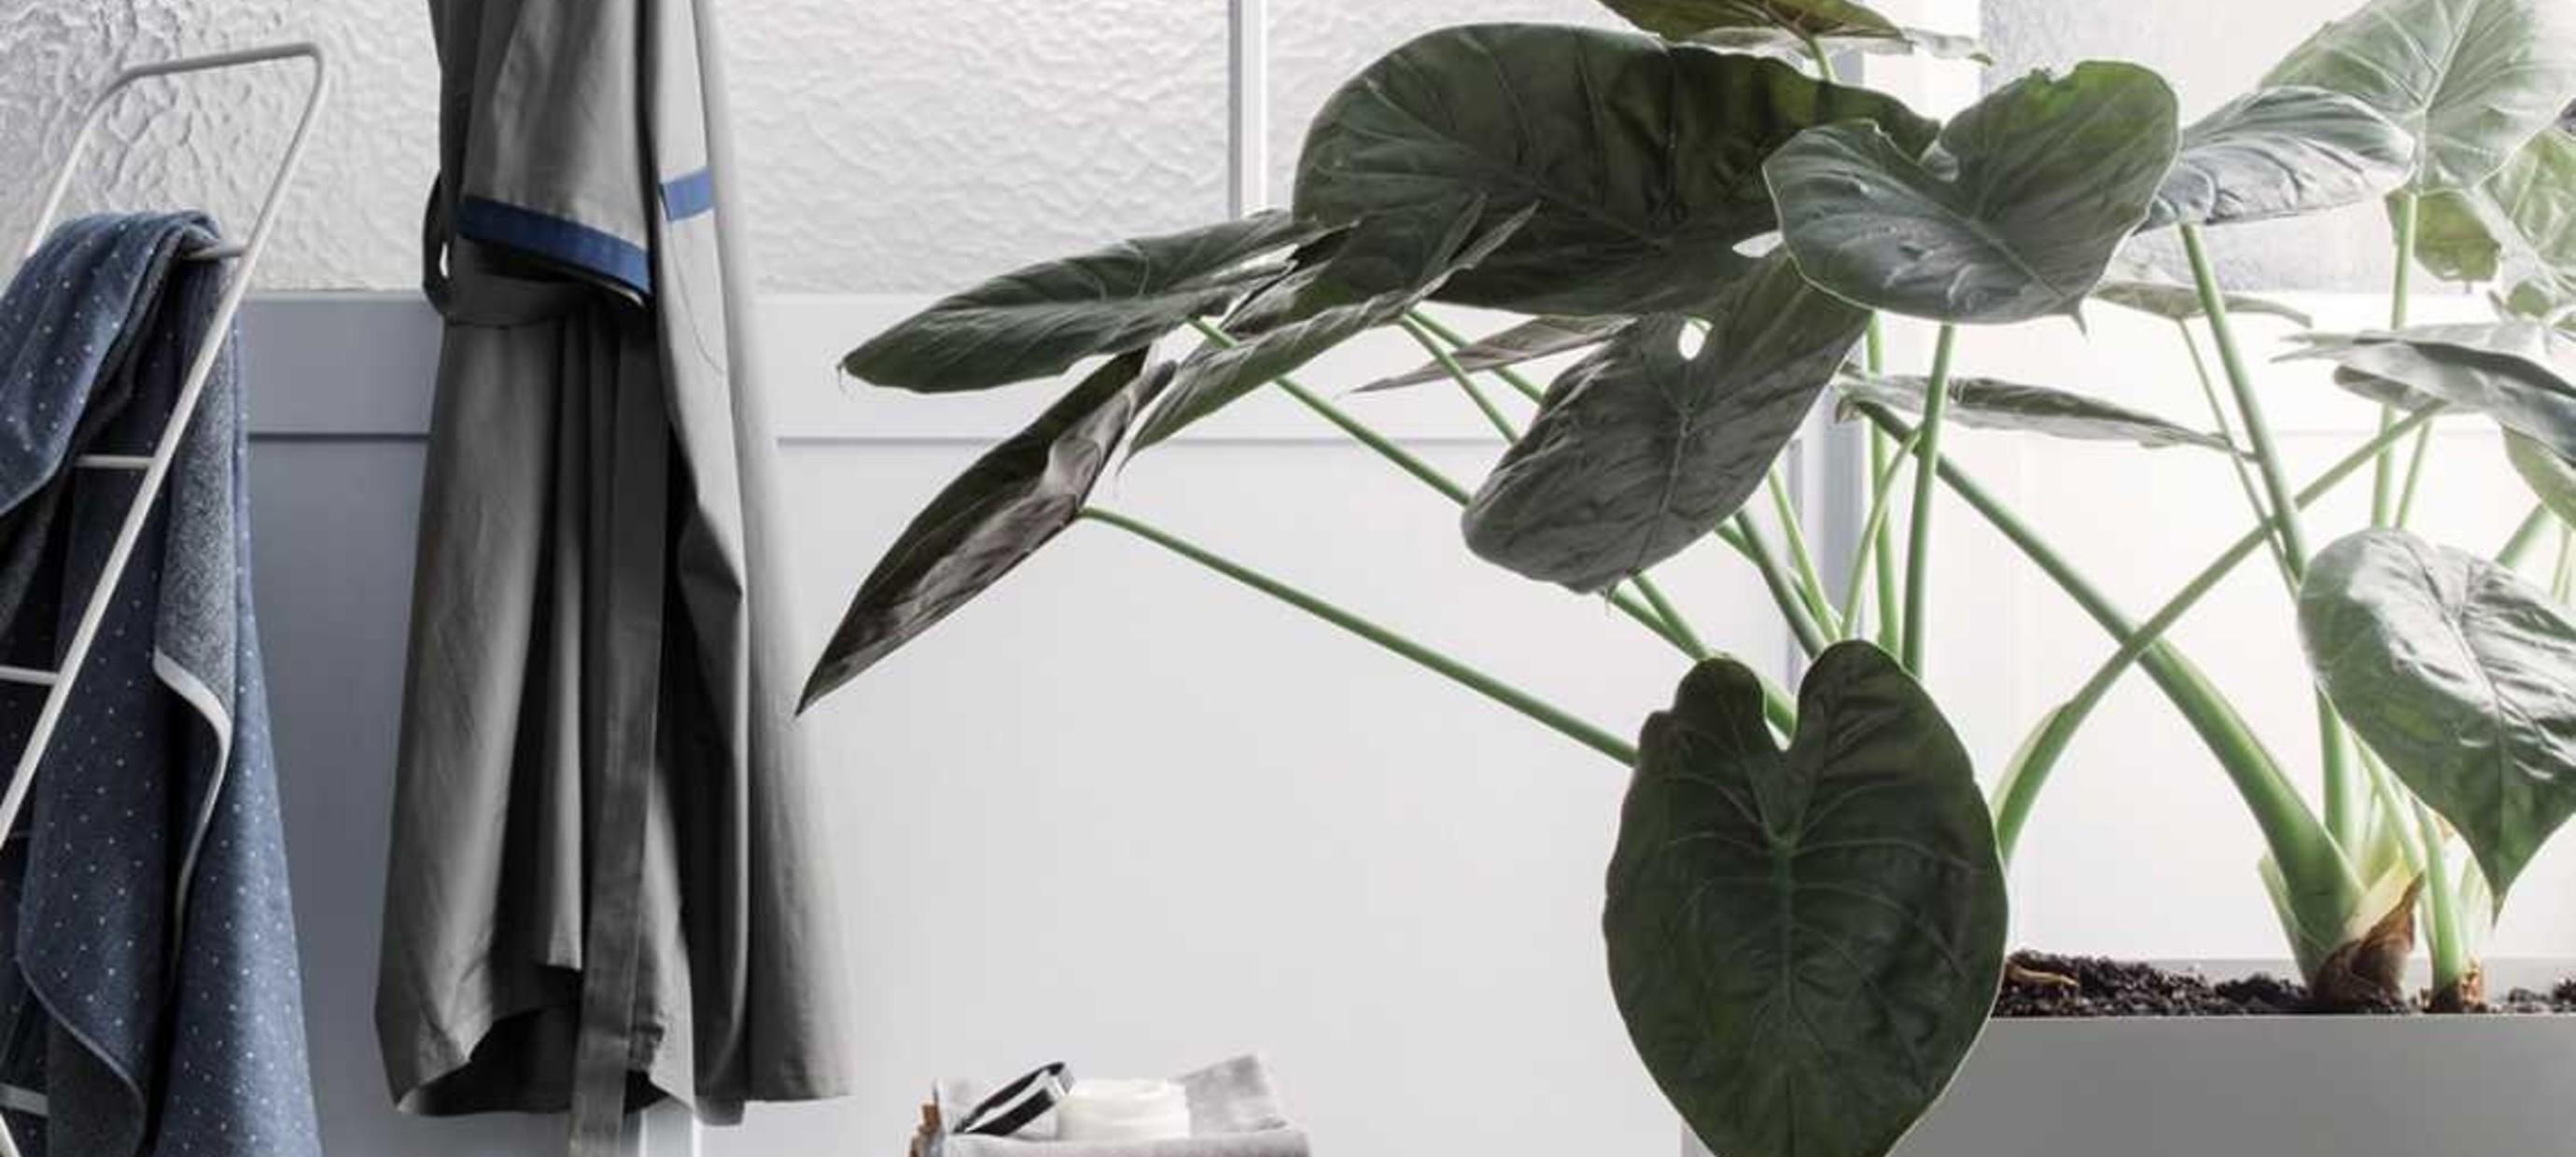 Maak je huis compleet met groen en accessoires